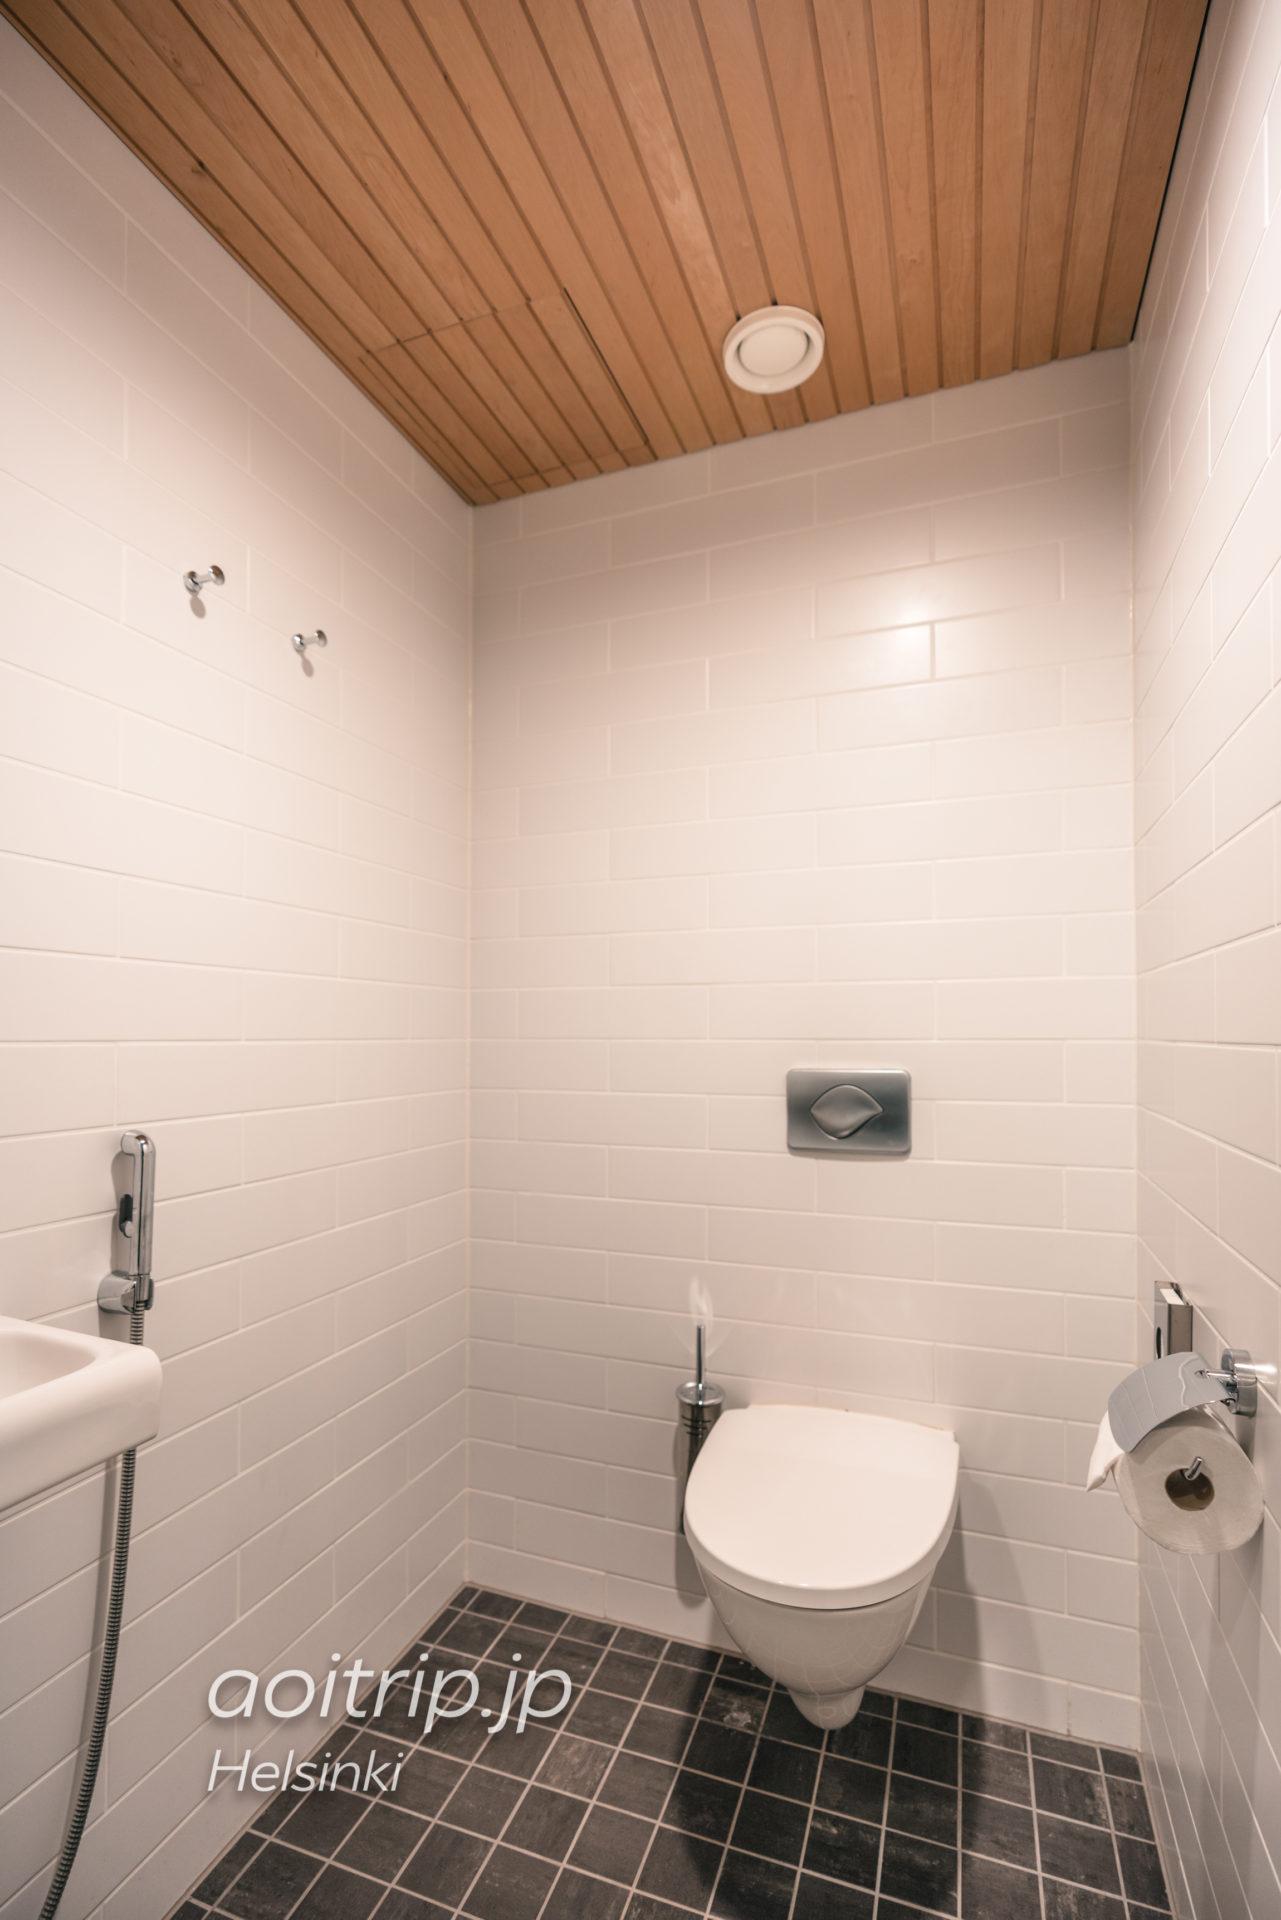 ホテルカタヤノッカのトイレ